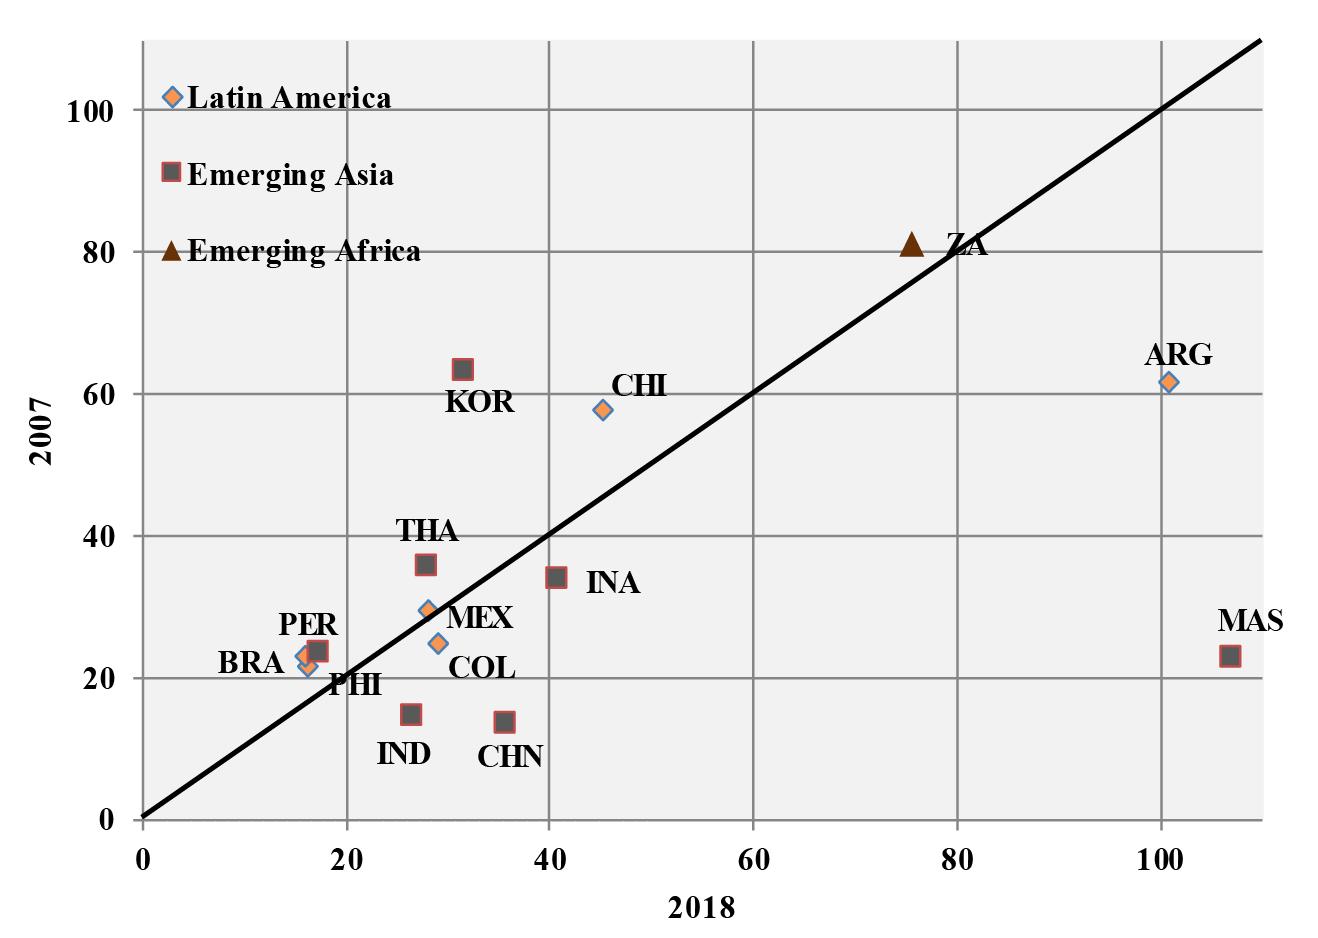 Short-term external debt to gross international reserves for 2007 to 2018